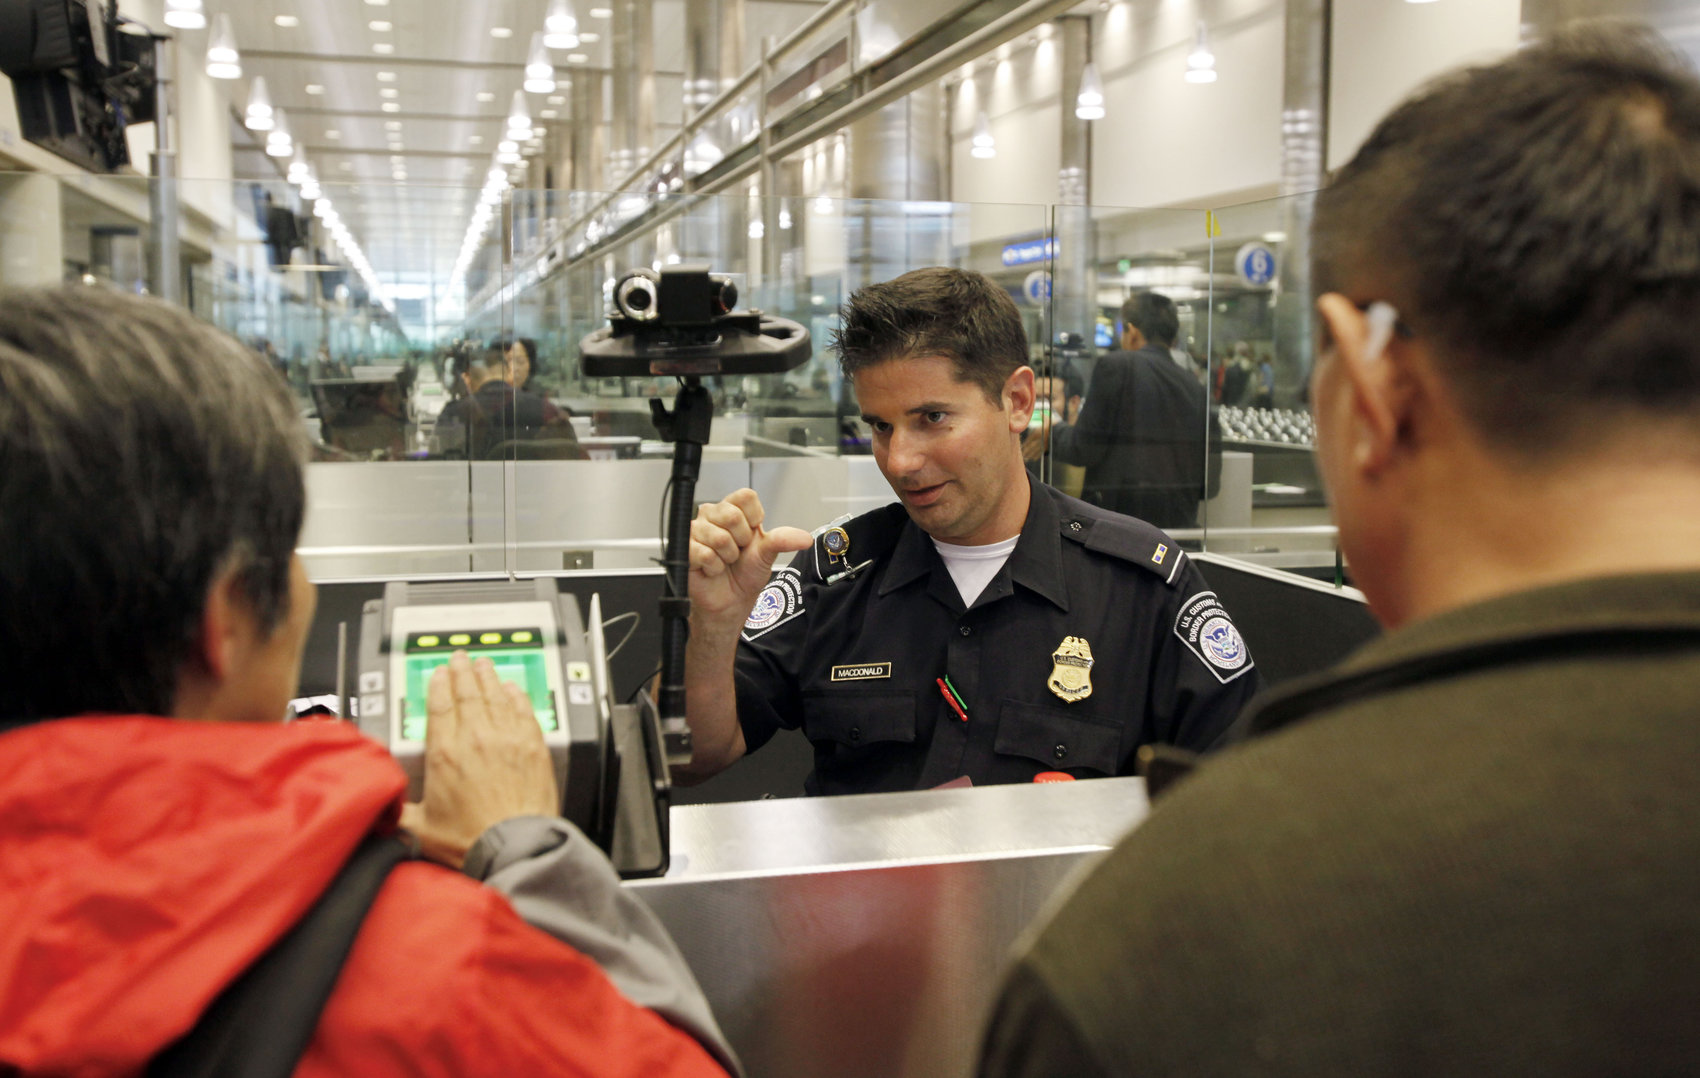 隱匿海外資產而在美國詐取福利,若被發現,即使是綠卡持有者,在出國回來後,也會被視為「機場假釋入境」,可能引發遣返程序甚至被追究刑責。(美聯社)